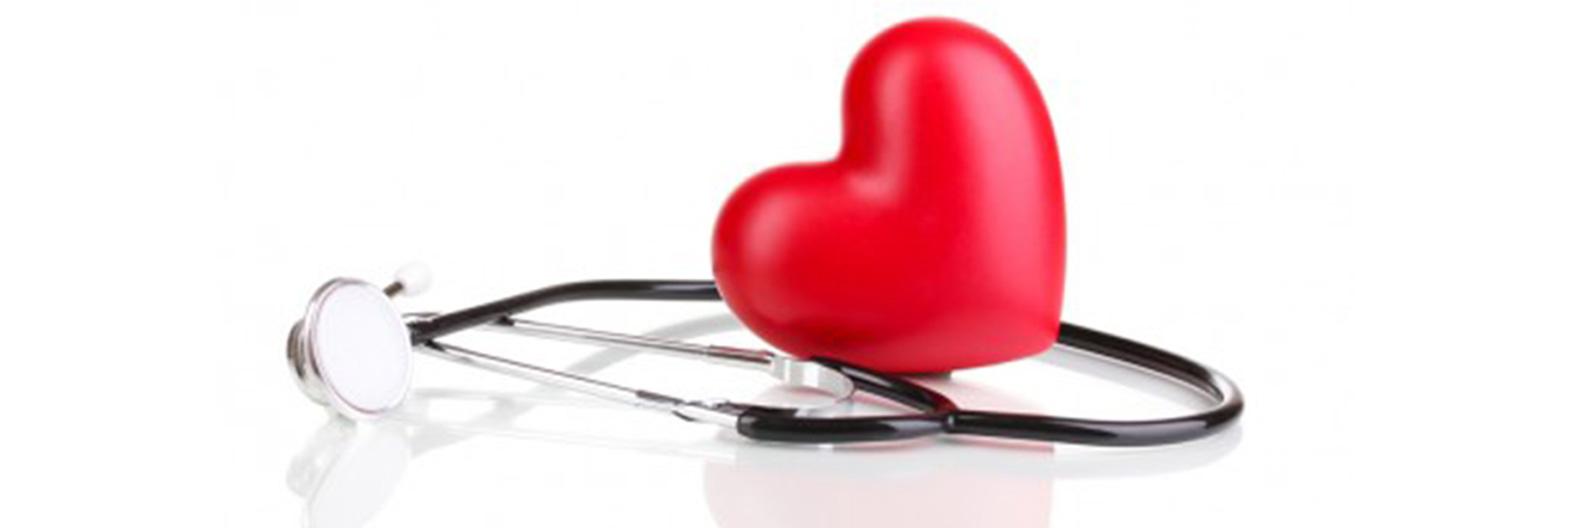 kas yra hipertenzija ir kodėl kyla kraujospūdis hipertenzija kaip gydyti padidina kraujospūdį